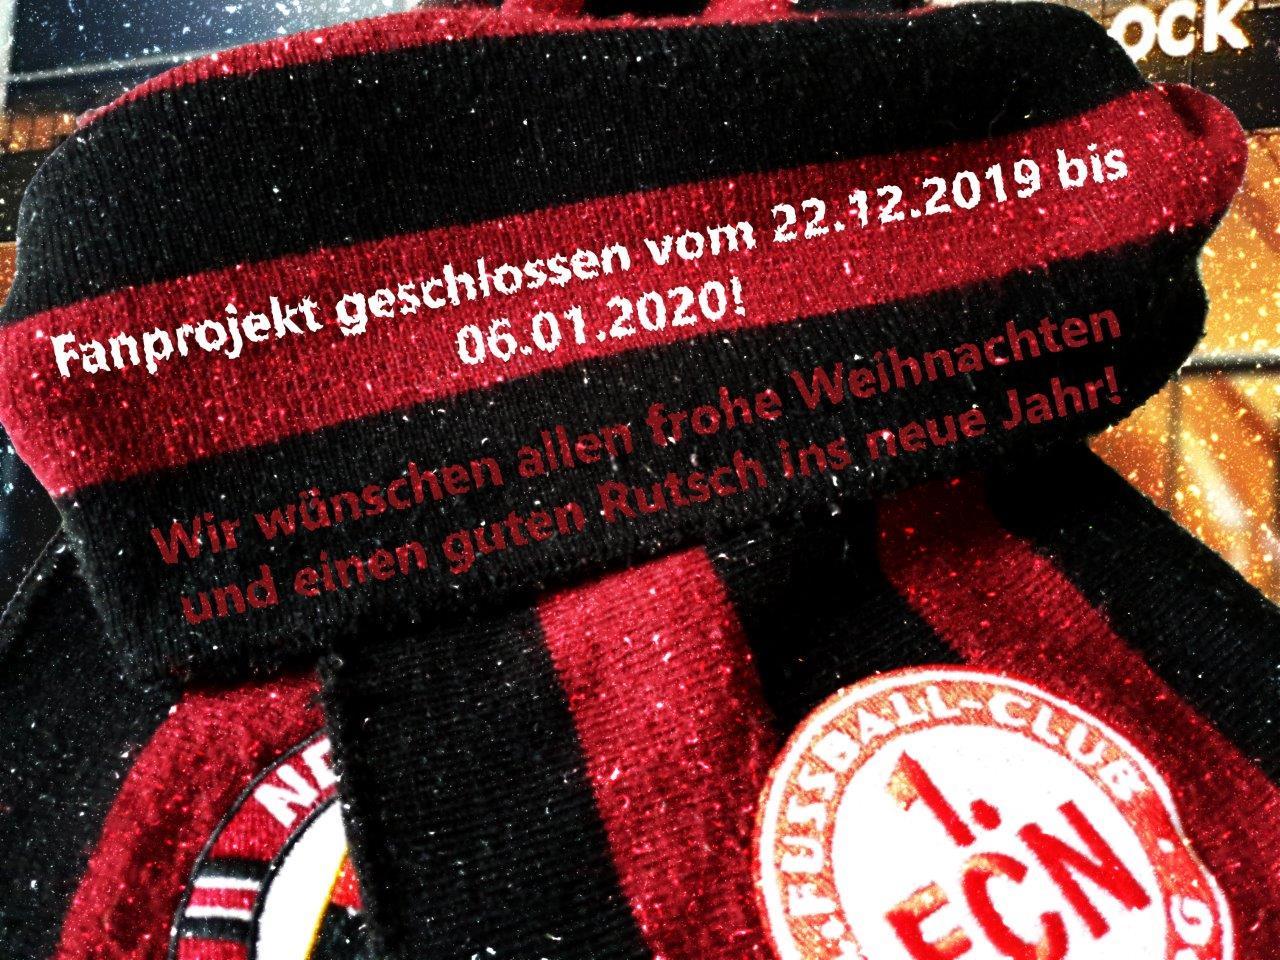 Fanprojekt im Weihnachtsurlaub vom 22.12.19 – 06.01.20